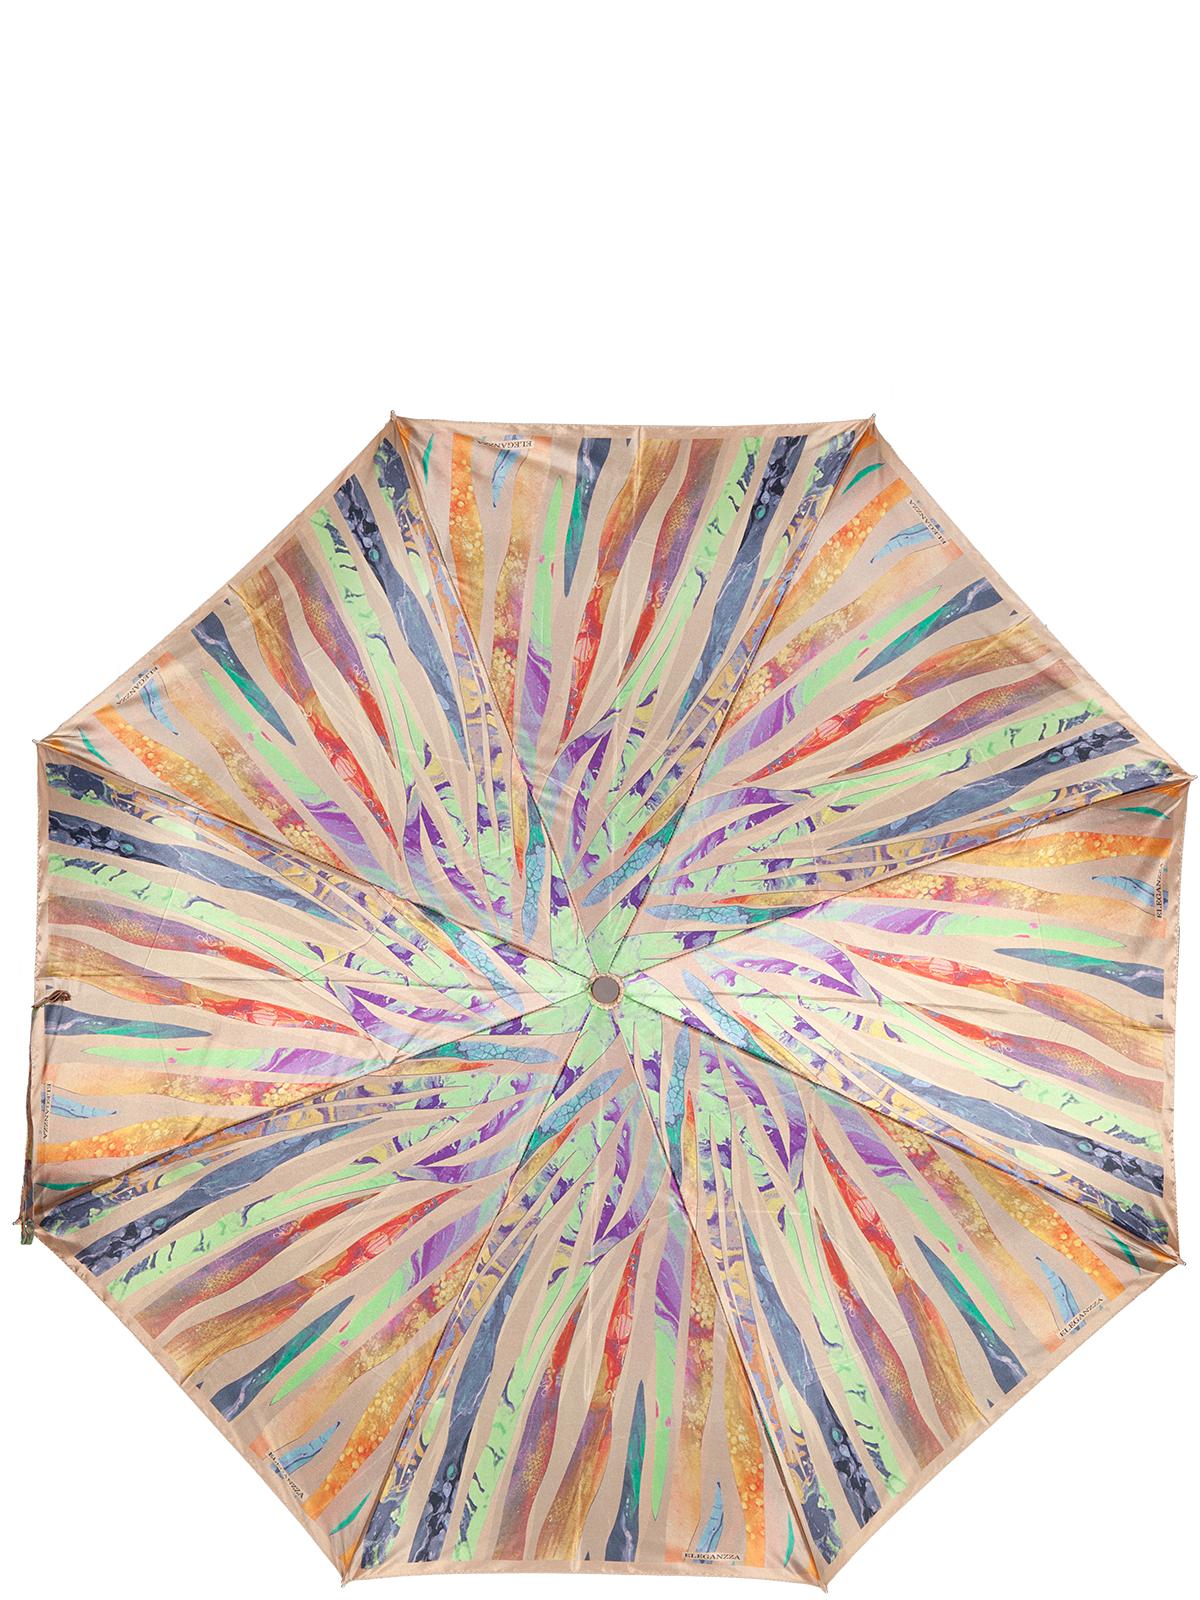 Зонт женский Eleganzza, цвет: розовый. A3-05-0317LSA3-05-0317LSЖенский зонт-автомат торговой марки Eleganzza с каркасом Smart, который позволяет без особых усилий складывать зонт, не позволяя стержню вылетать обратно. Купол: 100% полиэстер, сатин. Материал каркаса: сталь + фибергласс. Материал ручки: пластик. Длина изделия - 30 см. Диаметр купола - 105 см. Система Smart, не позволяет стержню при сложении вылететь обратно, это облегчает сложение зонта! При сложении есть характерный звук-треск, как трещетка. Примечание: зонт не откроется с кнопки если его не закрыть до щелчка.